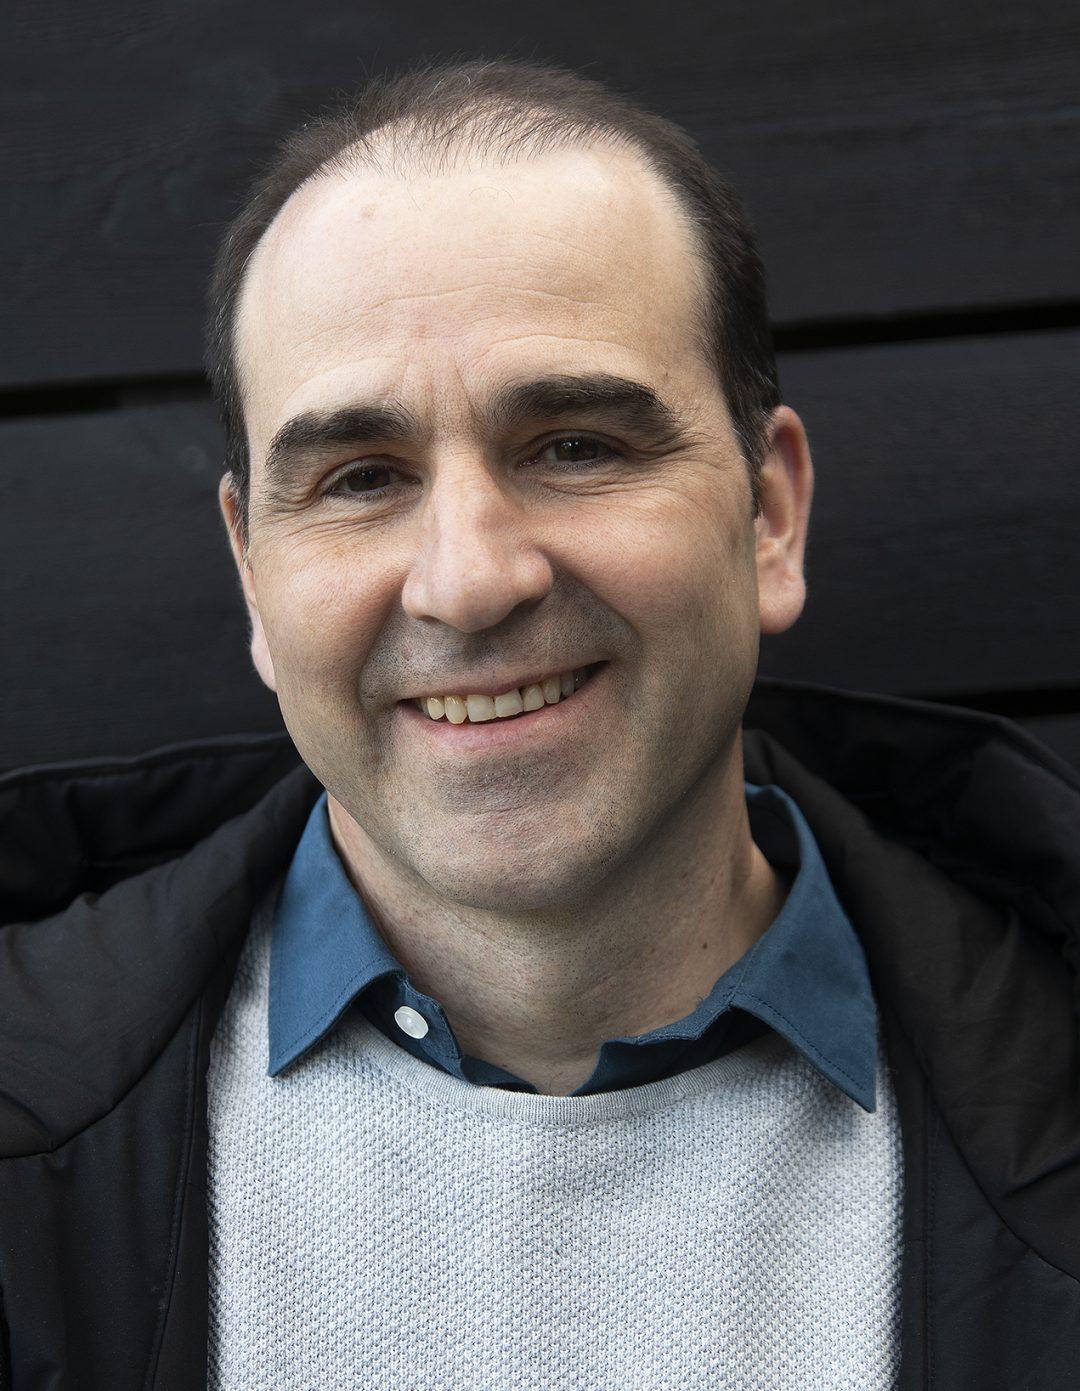 Albin Strid Bozac